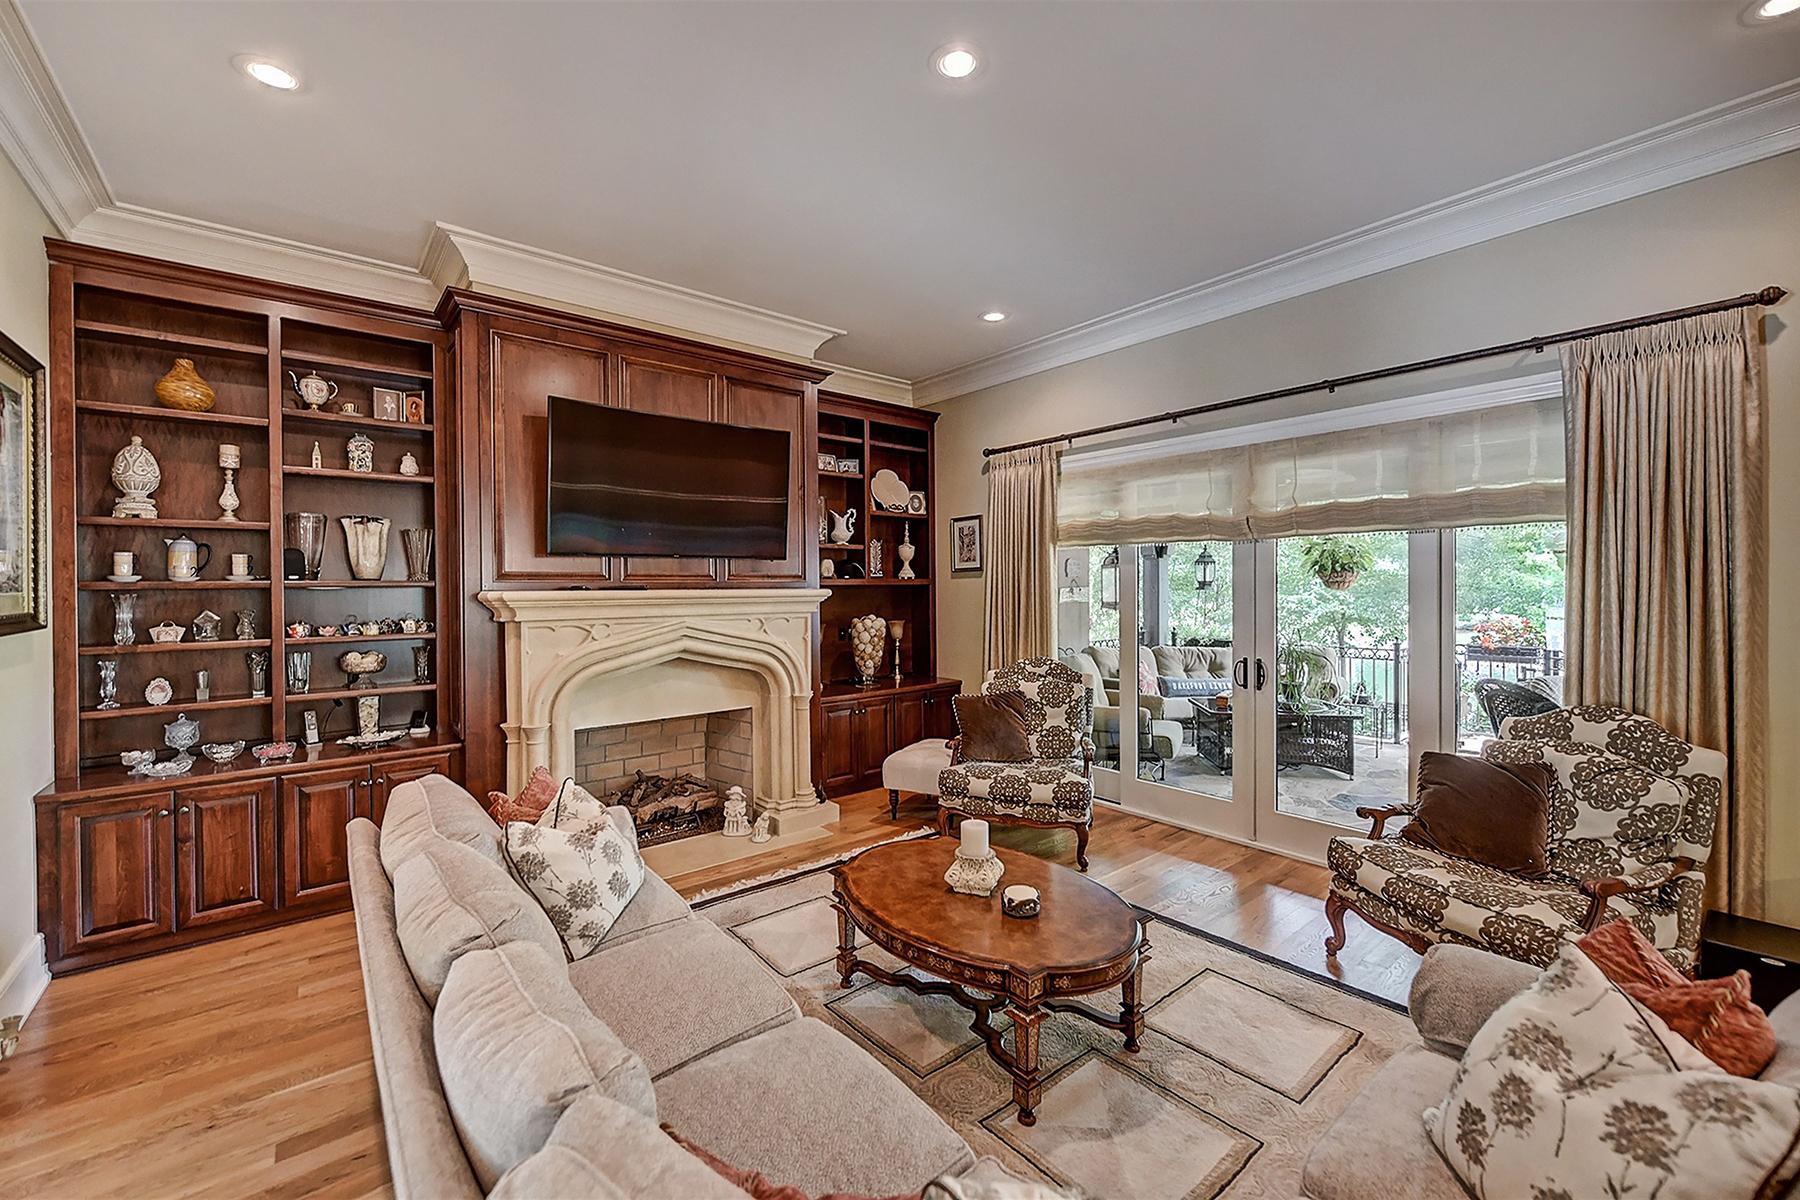 Additional photo for property listing at 18528 Nantz Rd, 科尼斯厄斯, 北卡罗来纳州 28031 美国